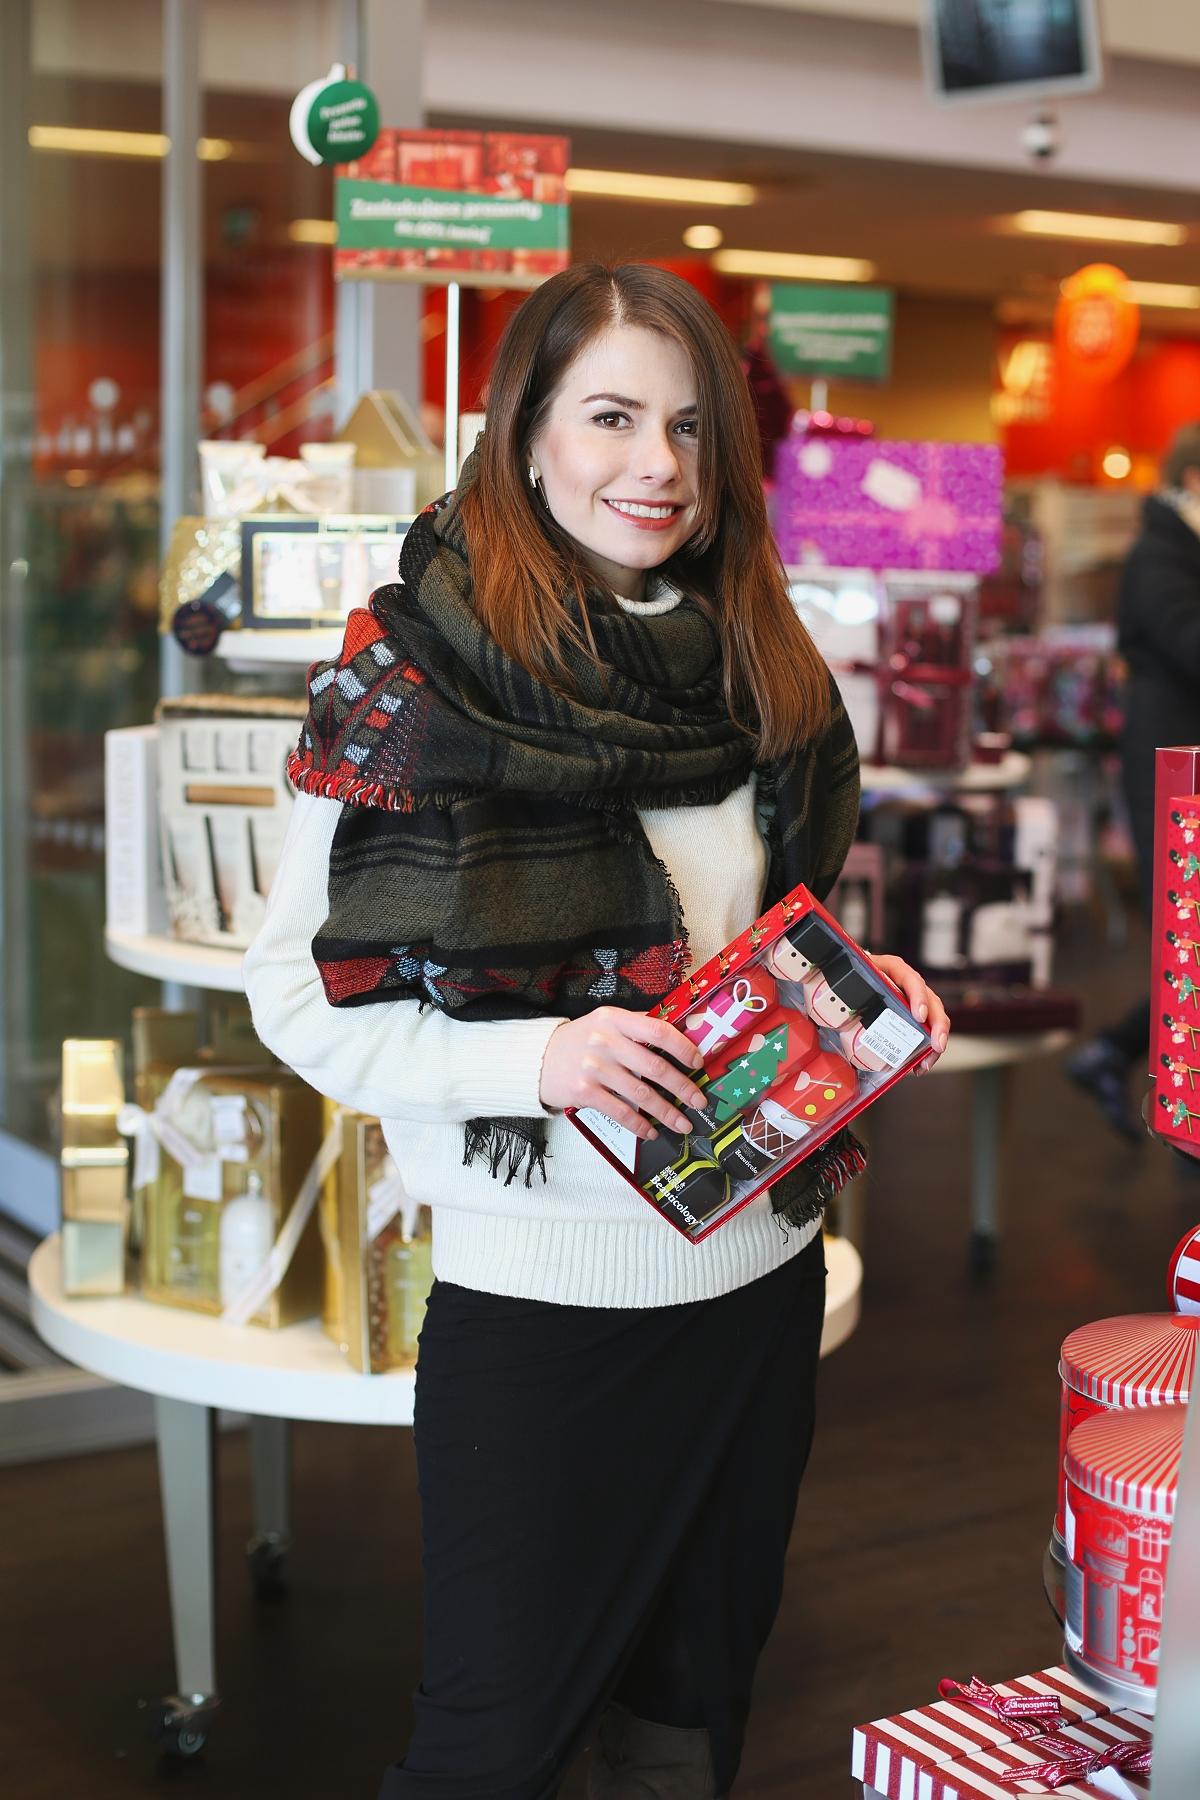 Świąteczne prezenty w TK Maxx - kosmetyki do pielęgnacji